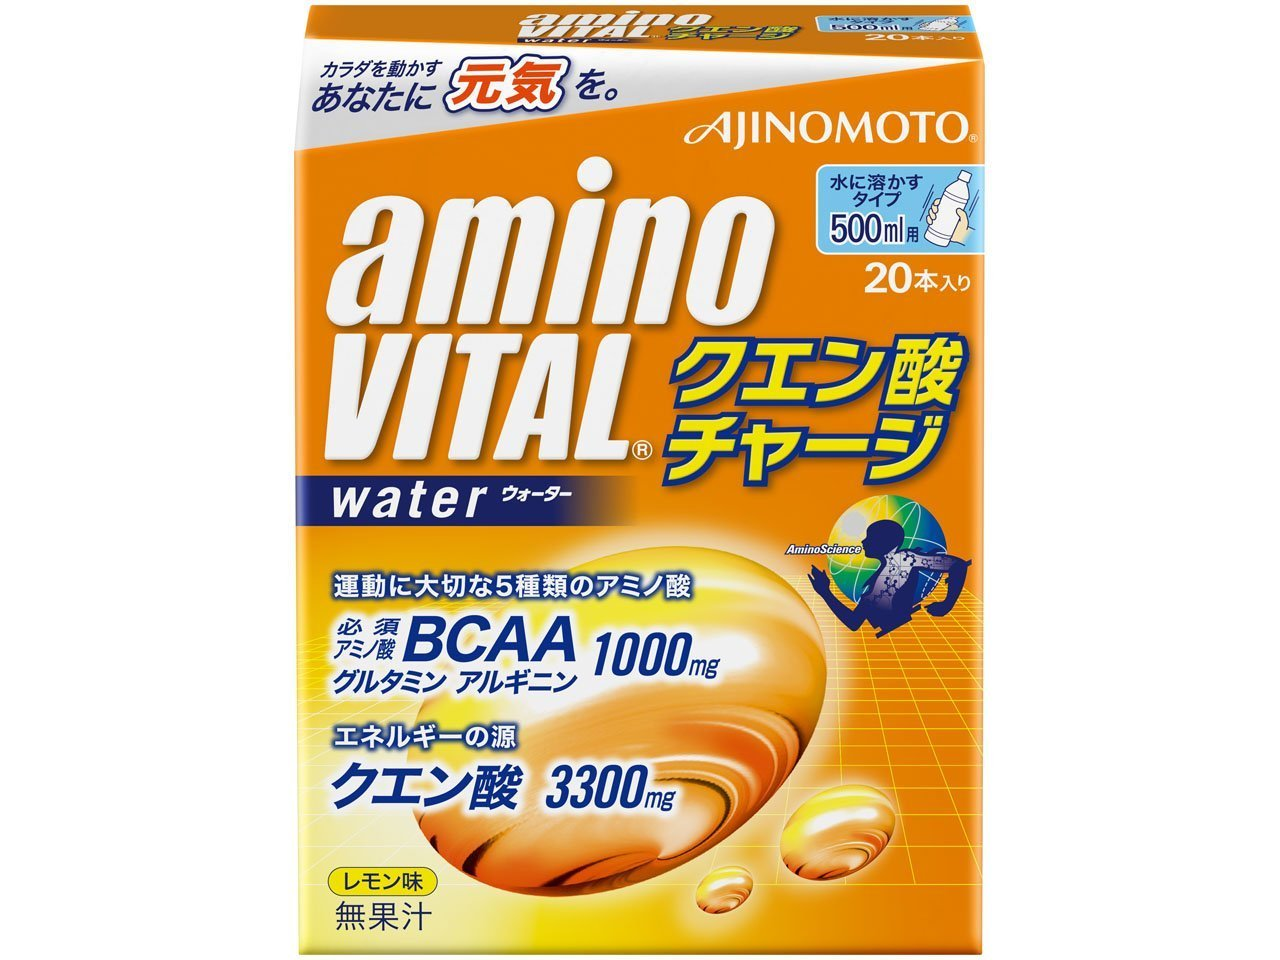 味の素 アミノバイタル クエン酸チャージウォーター20本入箱 product image